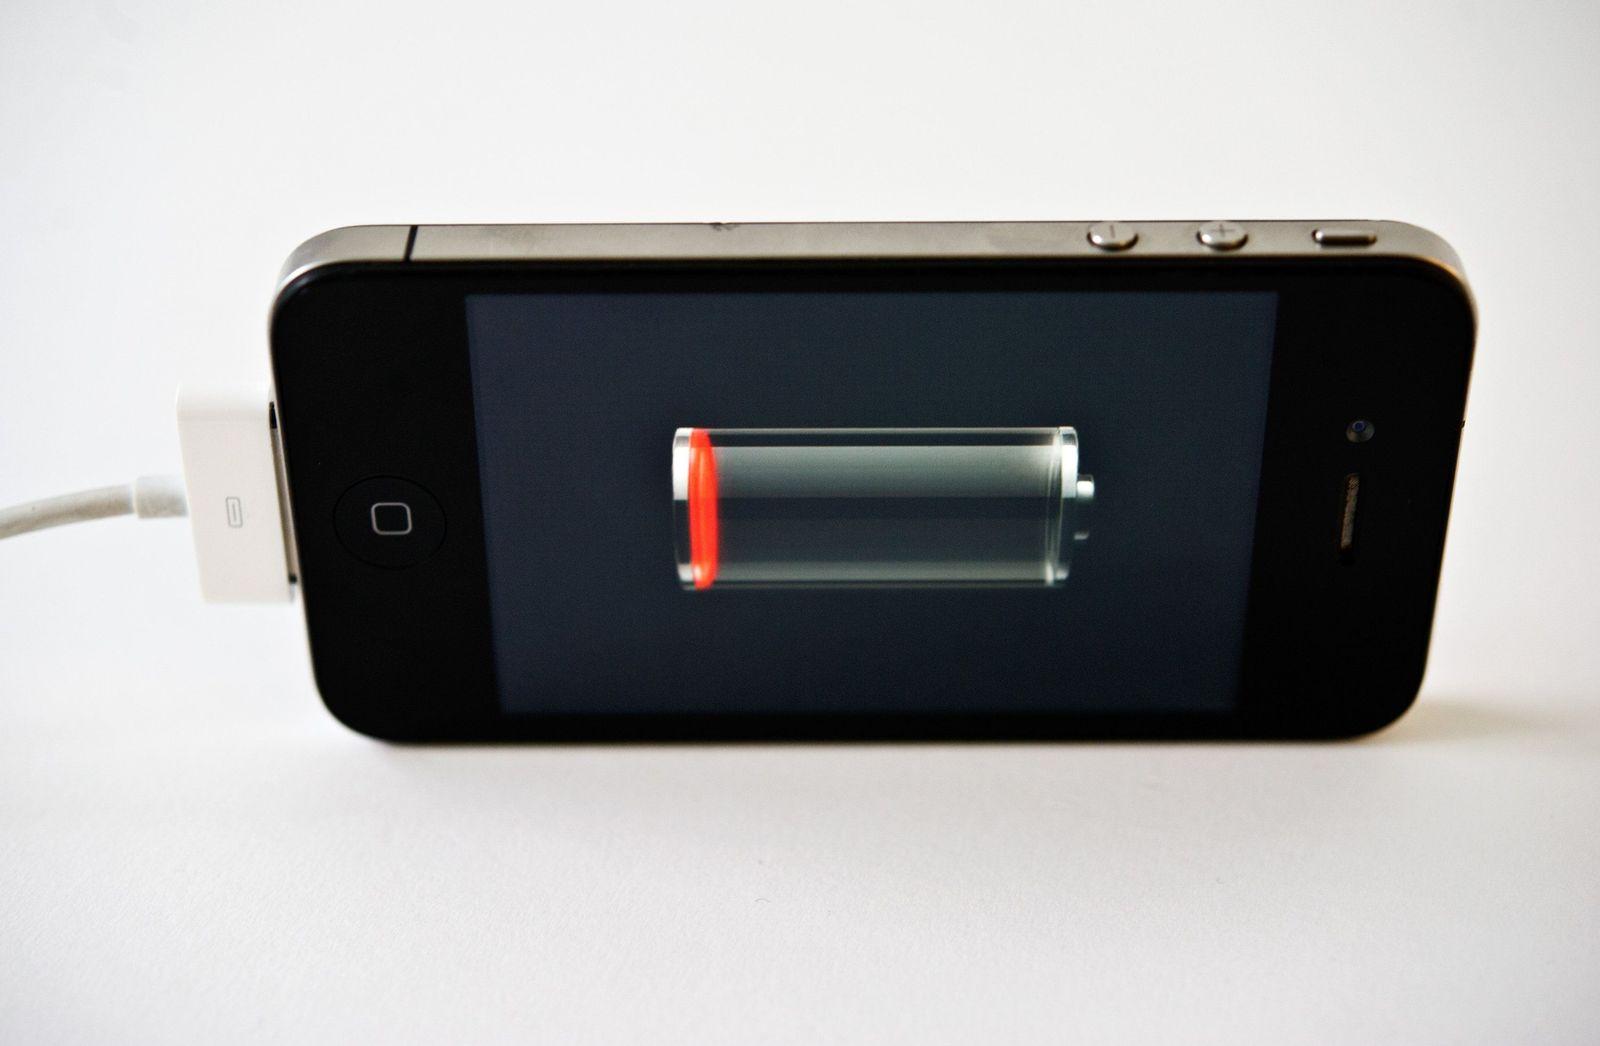 EINMALIGE VERWENDUNG Stromfresser auf Diät ? Smartphones mehr Akkulaufzeit abringen